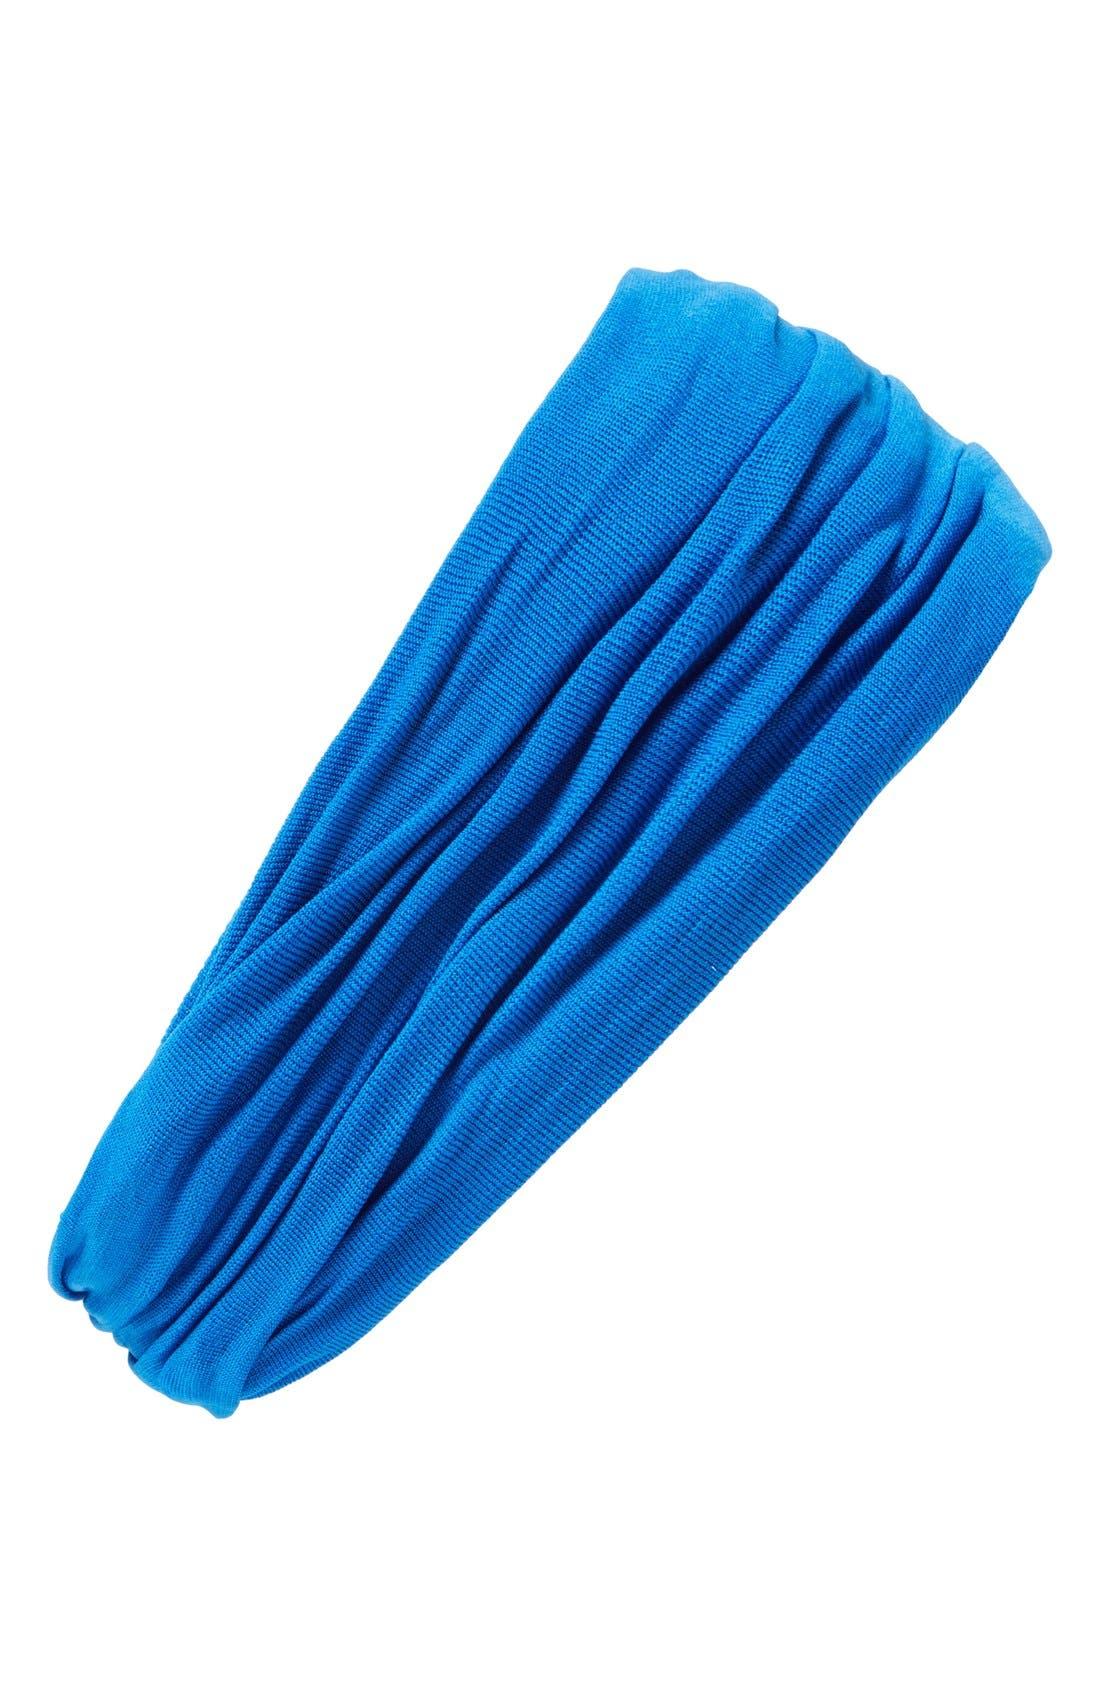 Relaxed Turban Headband,                             Main thumbnail 5, color,